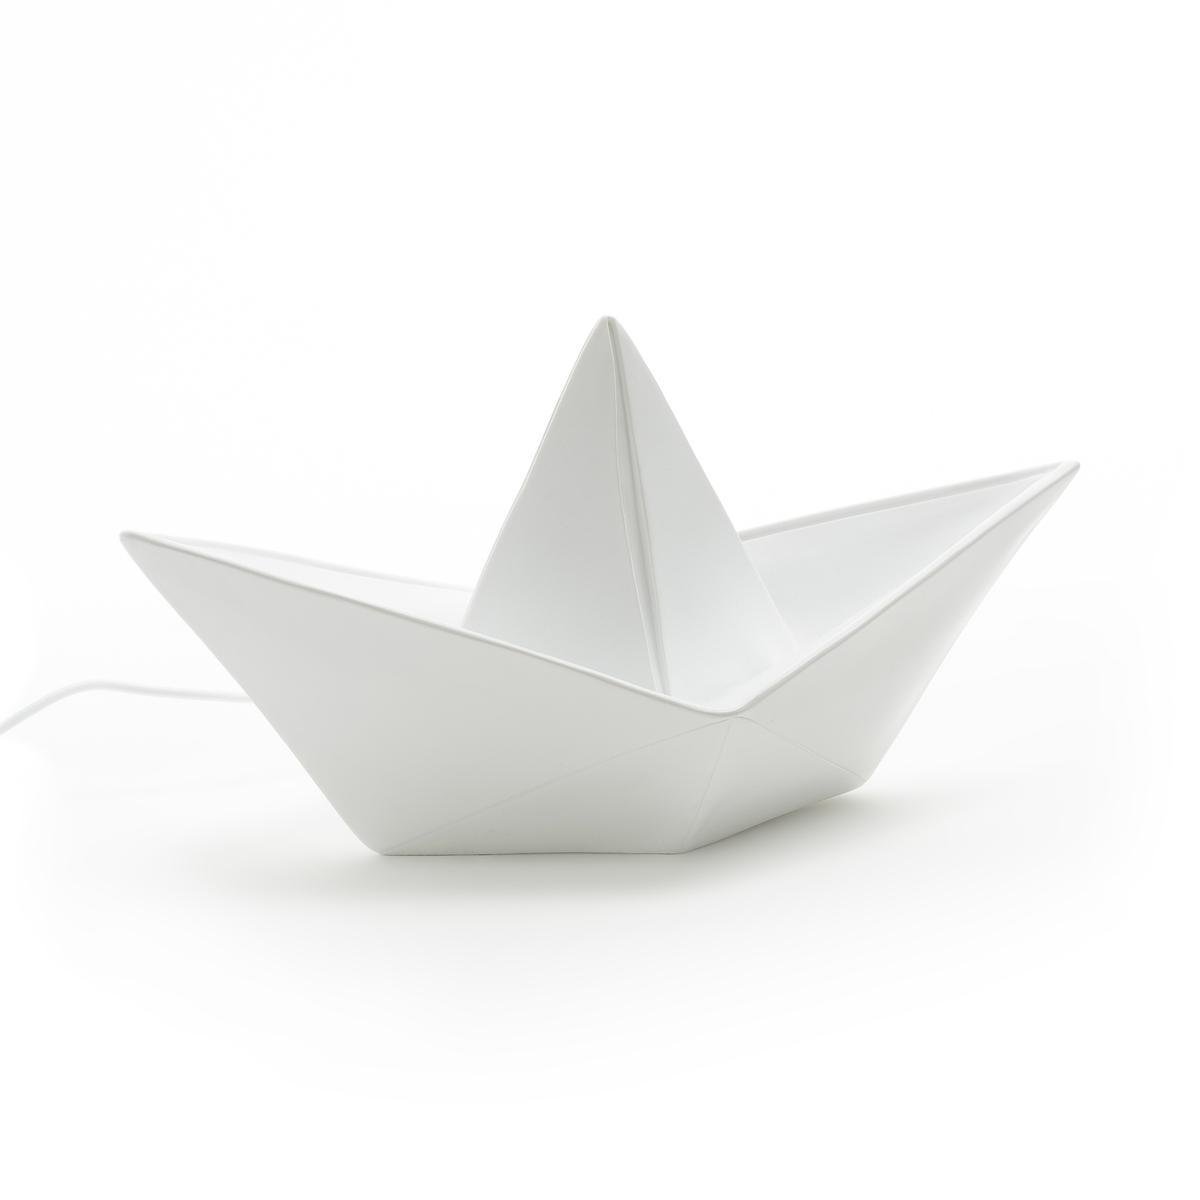 Лампа ночная Goodnight light, Paper BoatЛампа Paper Boat. Она не отдает тепло, поэтому будет идеальна в качестве ночного светильника в детской комнате или декоративной лампы . Каждое изделие отлито и окрашено вручную, что делает из него уникальную вещь. Произведено в Европе .Характеристики : - Винил, устойчивый к ударам - Лампочка LED встроена - Низкое потребление энергии и длительный срок действия благодаря технологии LED (более 50 000 часов)- Мощность: 2,5Вт- Световой поток    : 150 люмен- Напряжение   : 12В- Работает от сети 100-240В- Представлена в зеленом и белом цвете Размеры :- L32 x H16 см<br><br>Цвет: белый,мятный<br>Размер: единый размер